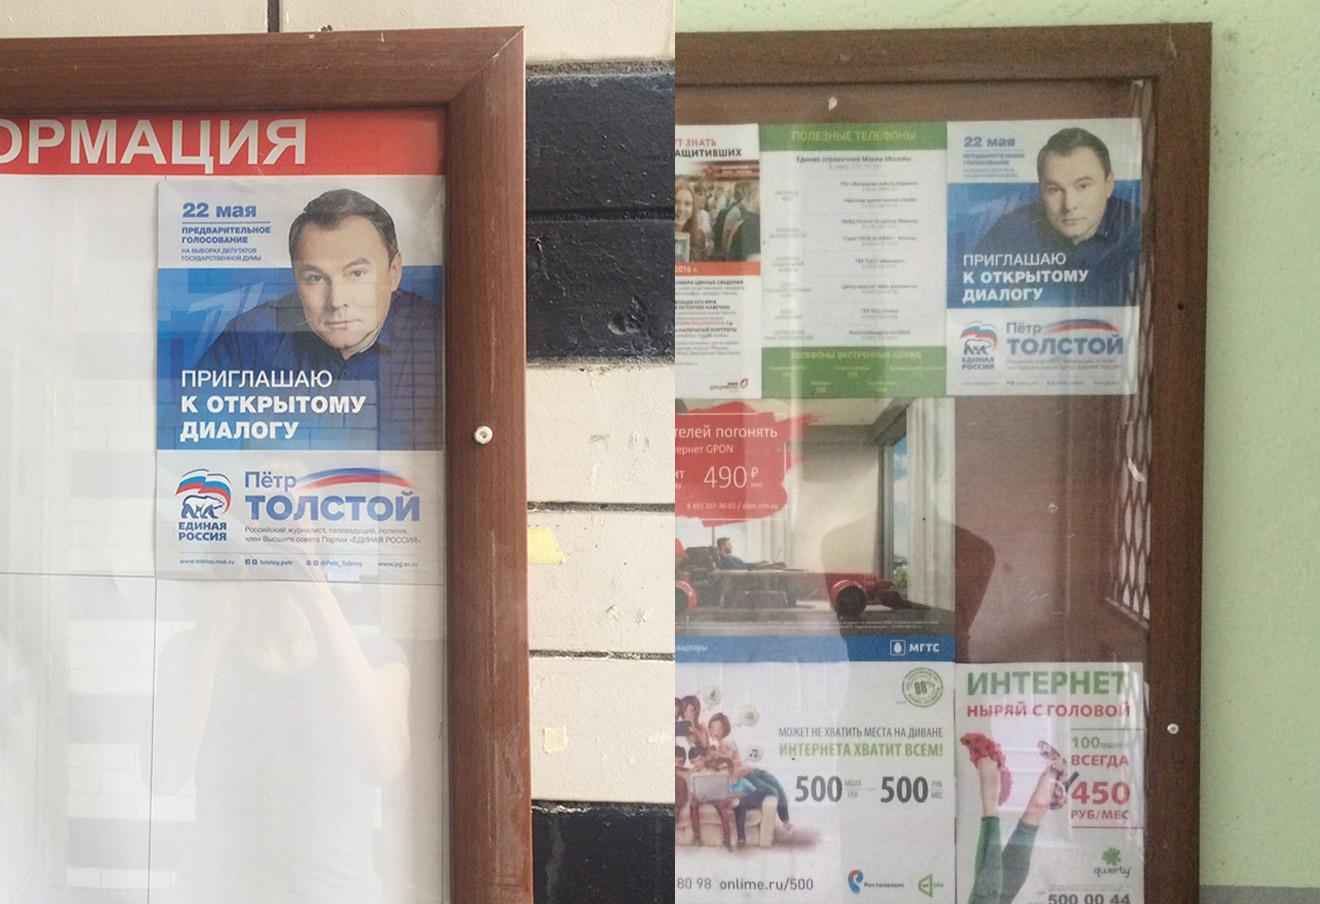 Пример незаконной политической рекламы.